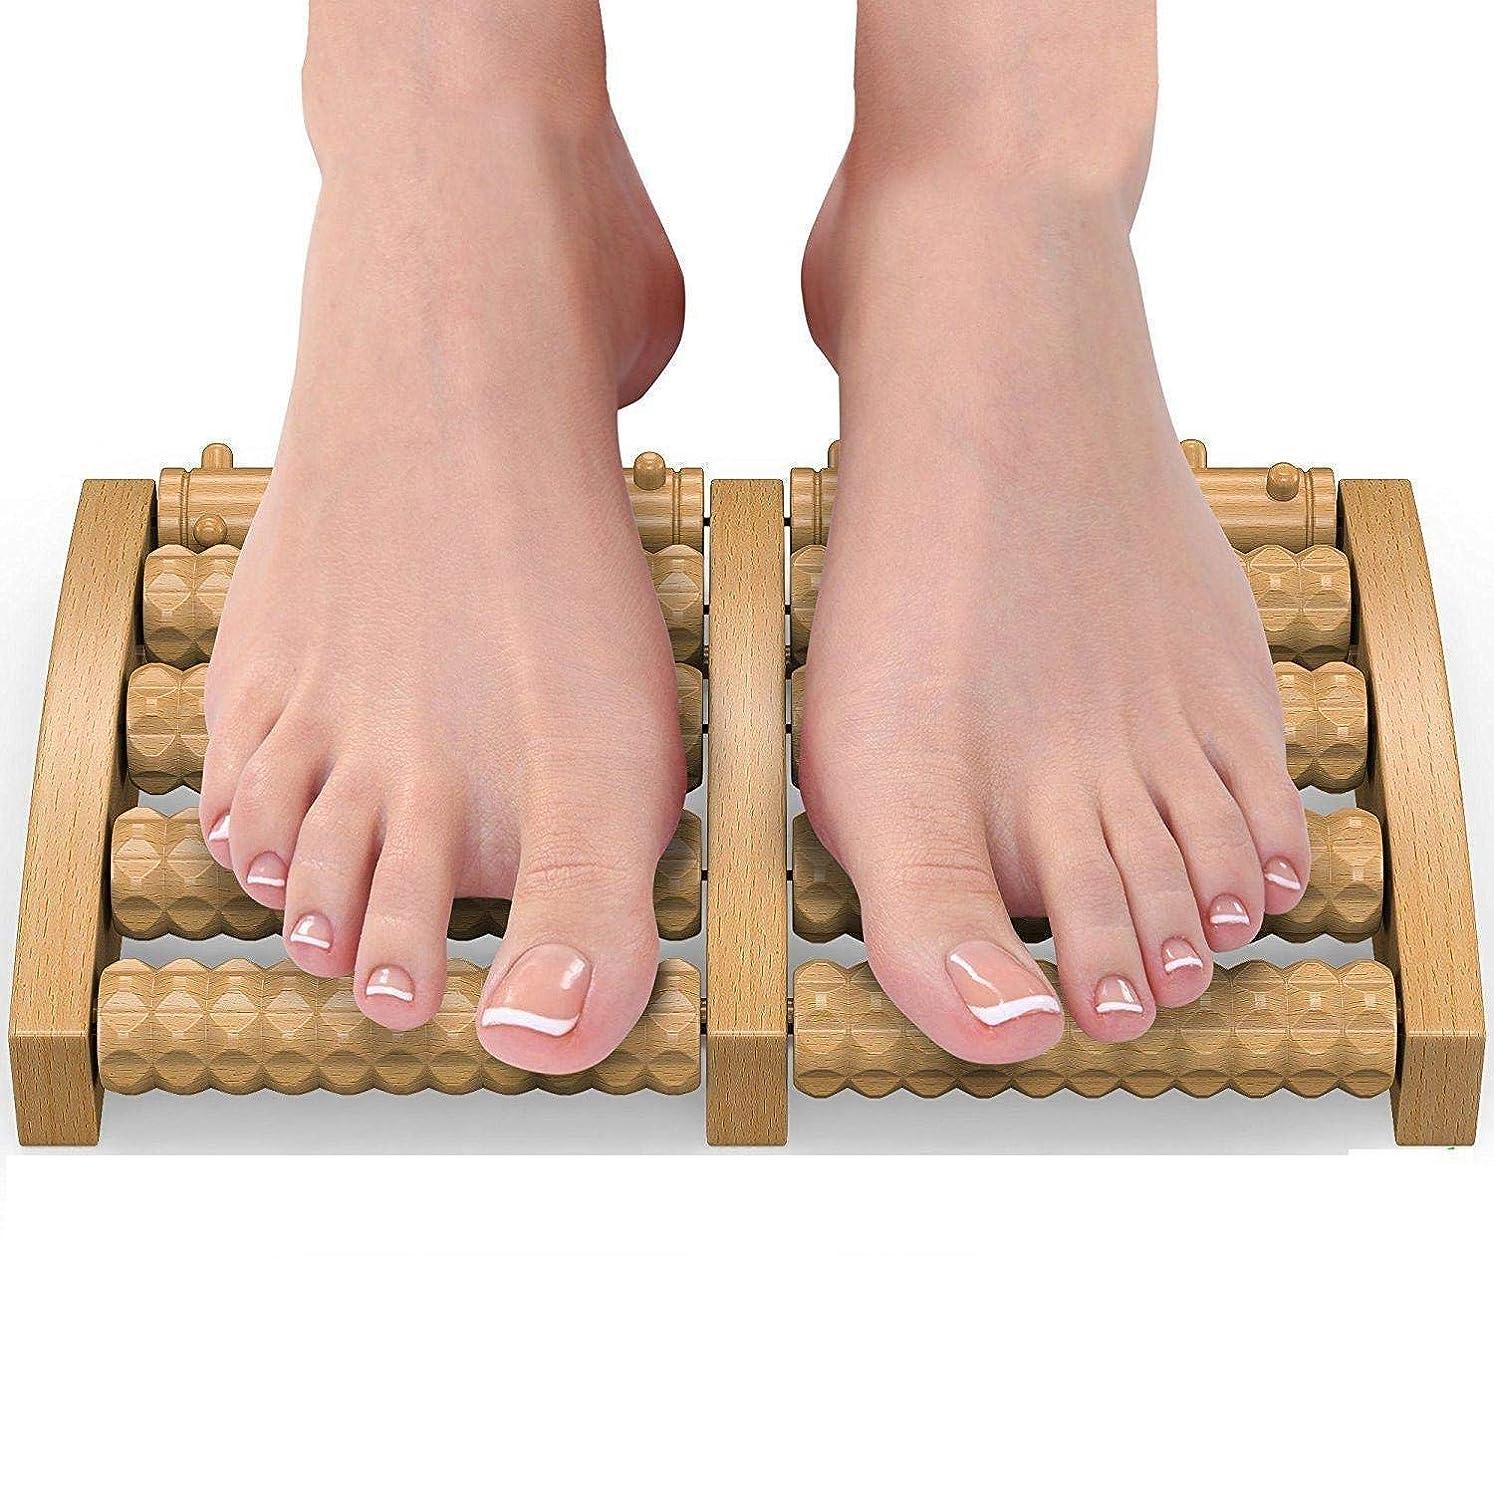 酸化物コンチネンタル泳ぐ足のマッサージトマッサージャーフットマッサージローラー木製ホイール、足底筋膜炎ストレスヒールアーチ痛み指圧指圧緩和、2個を和らげる